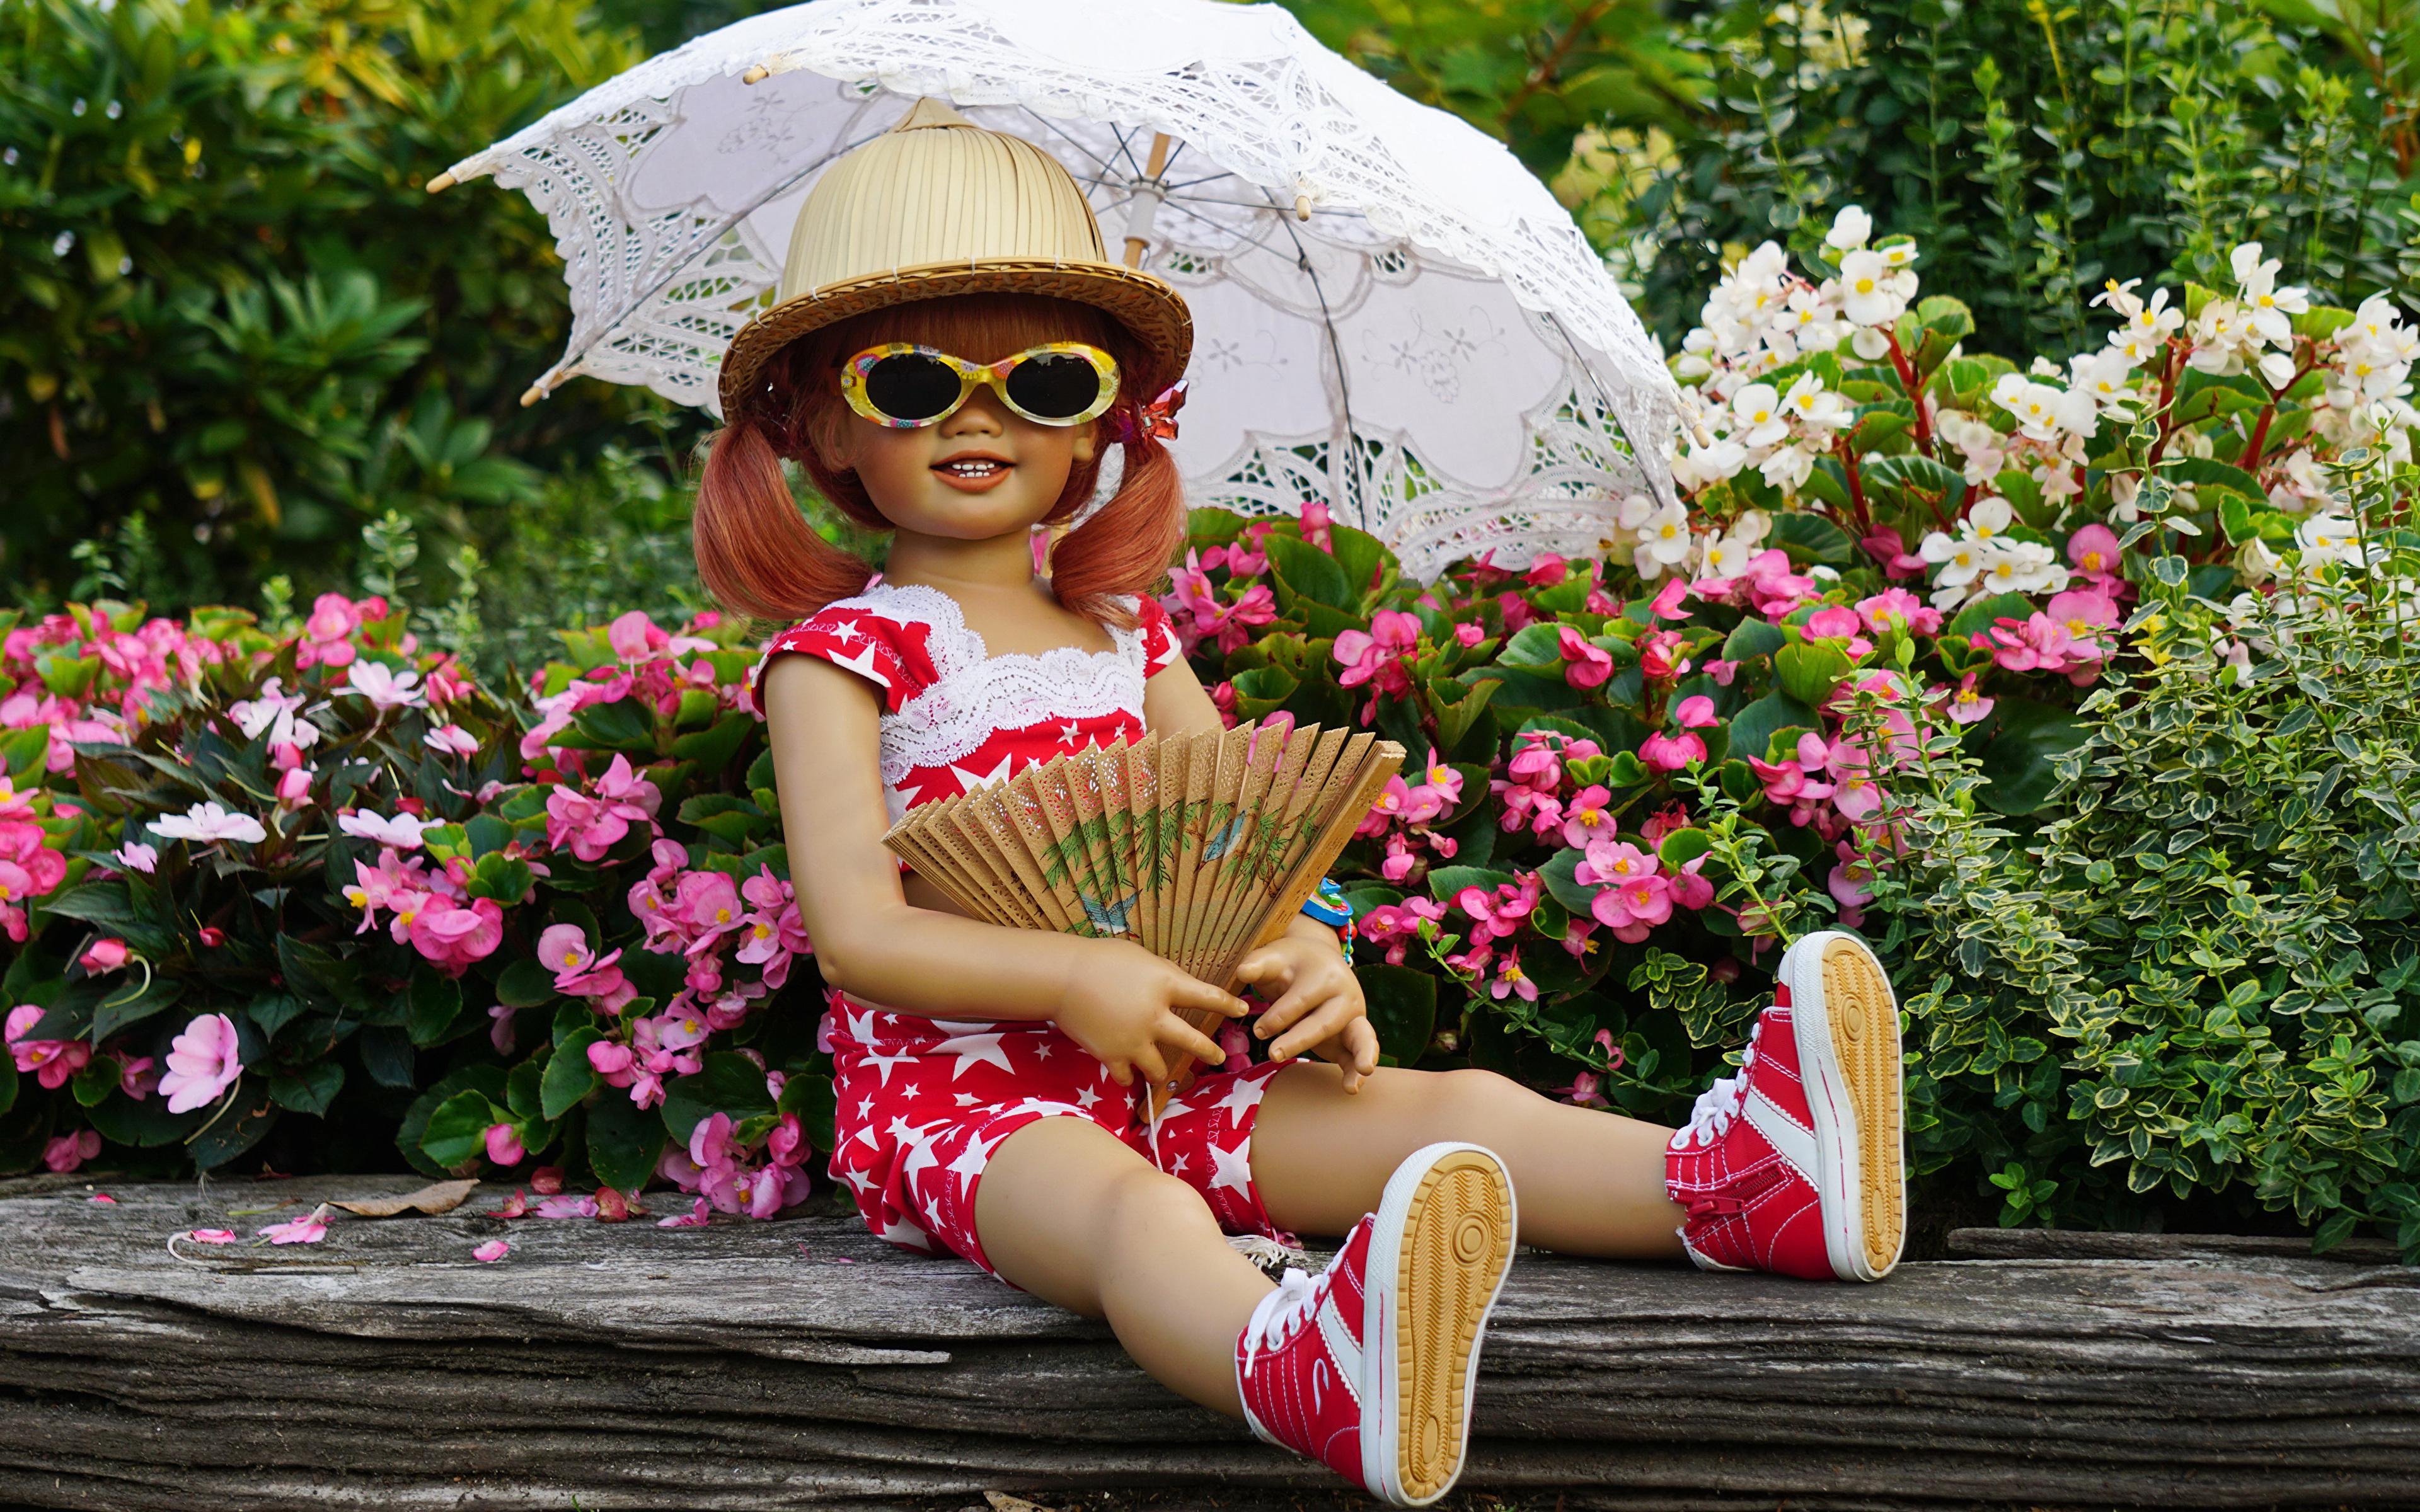 Фото девочка Германия куклы Grugapark Essen шляпы Природа парк Очки Зонт 3840x2400 Девочки Кукла Шляпа шляпе Парки очков очках зонтом зонтик